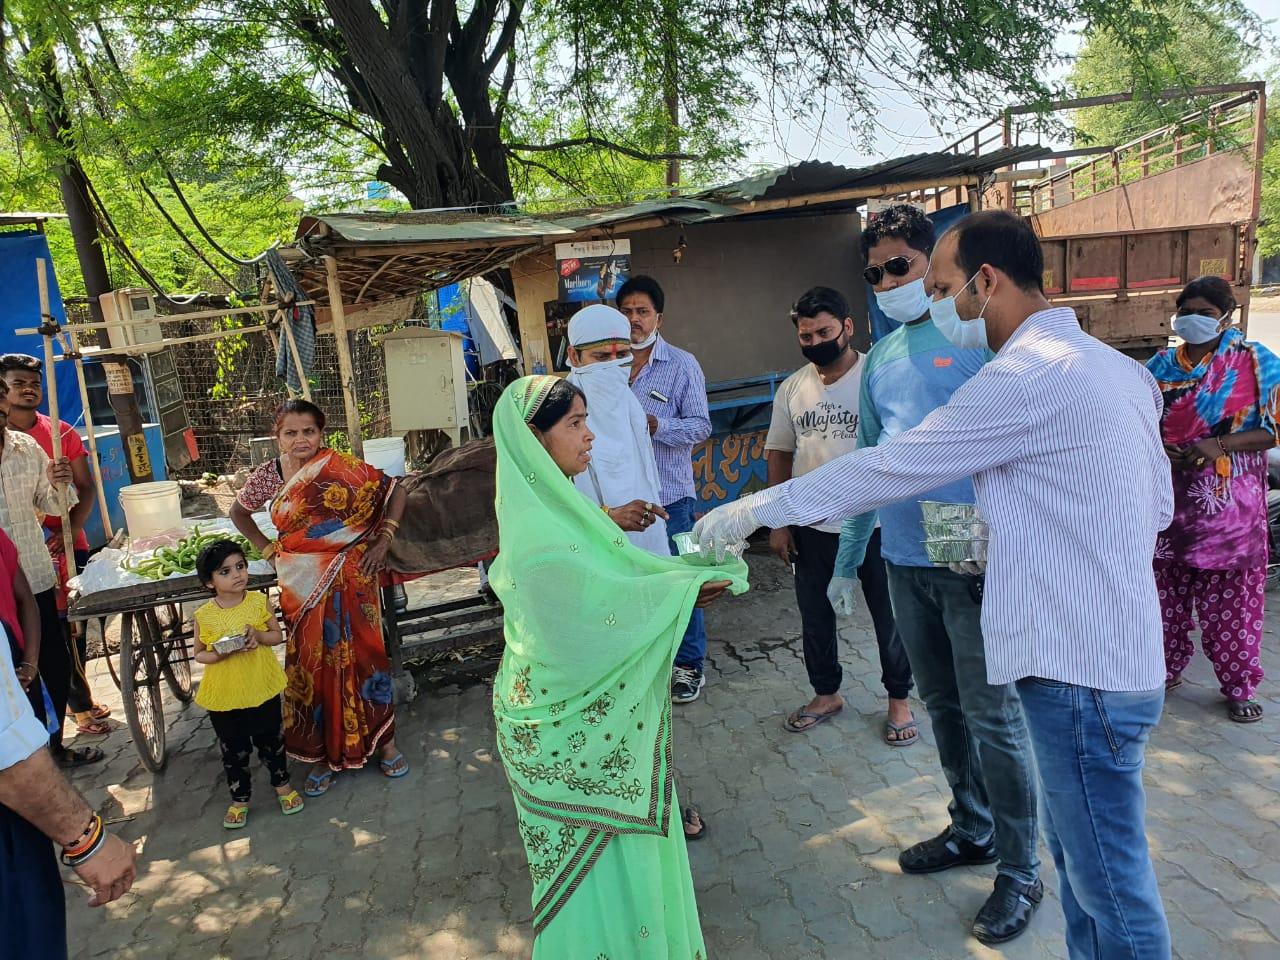 शिव पार्वती समाज सेवा समिति द्वारा लोगों को भोजन बांटा गया व सोशल डिस्टेंस के बारे में जागरूक किया गया